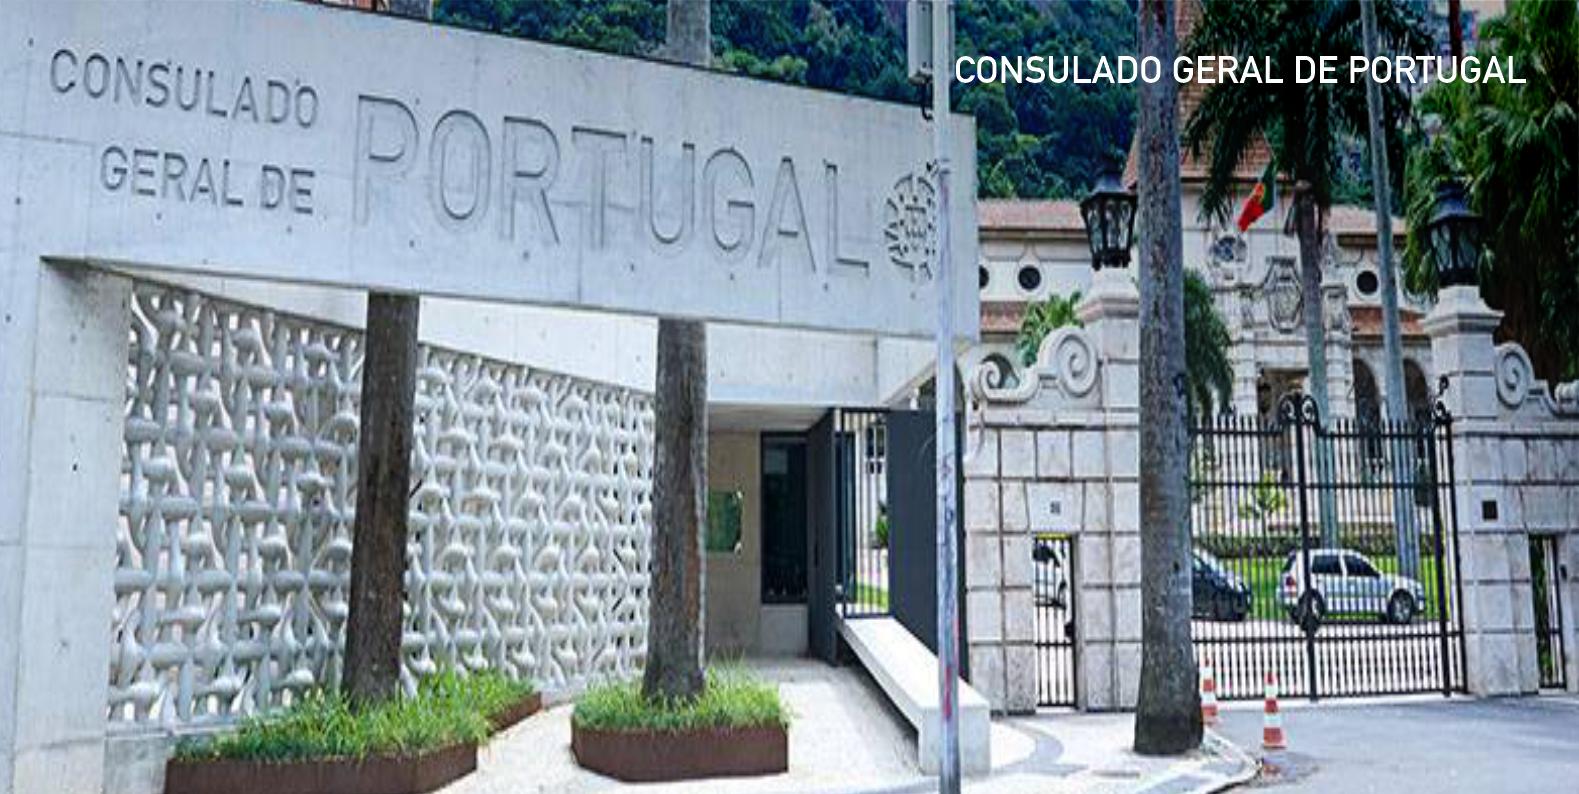 CONSULADO GERAL DE PORTUGAL